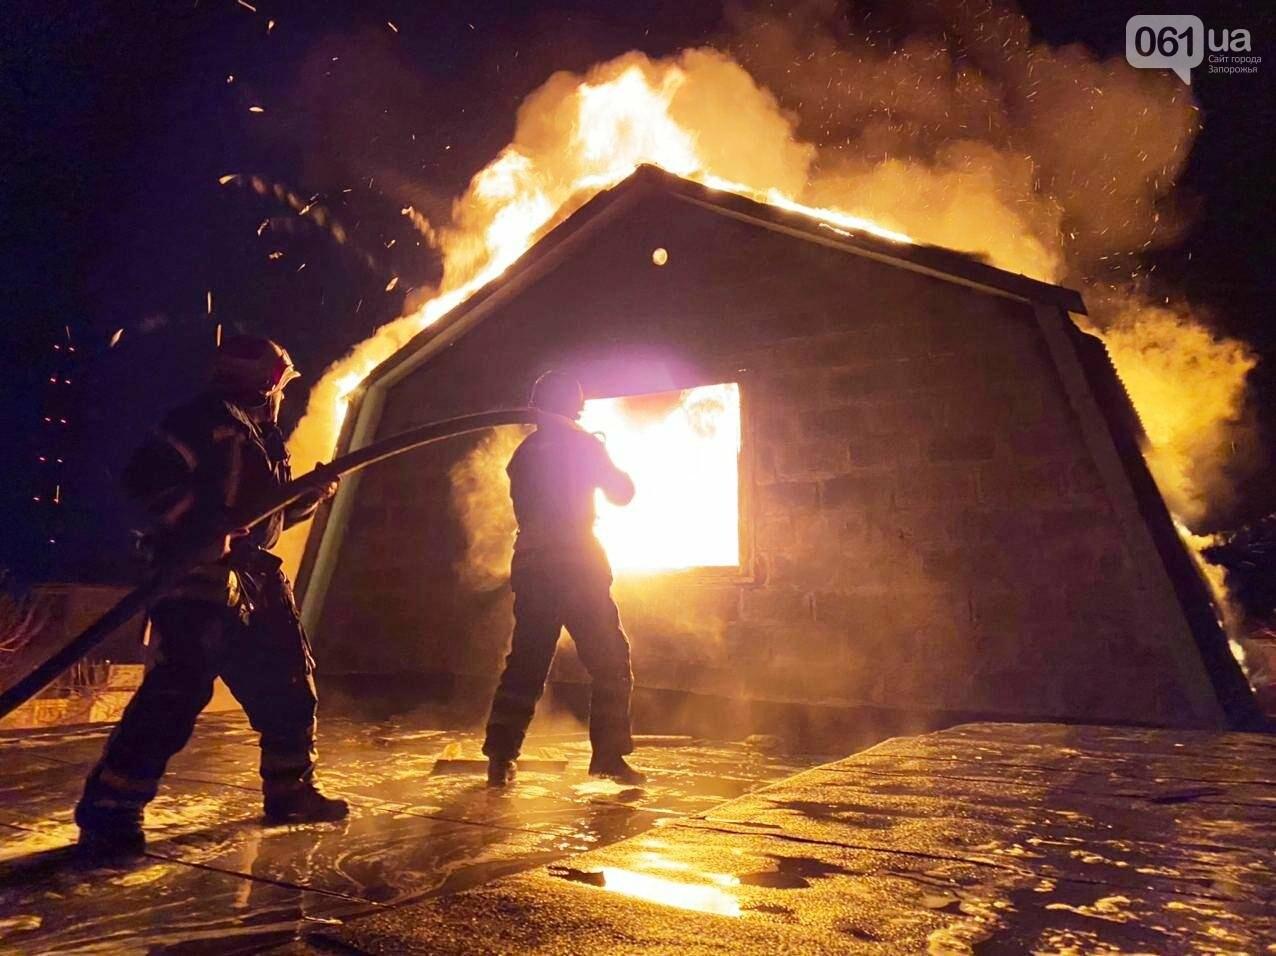 В Запорожской области загорелся жилой дом из-за проблем с печным отоплением: пожар тушили 15 спасателей , фото-1